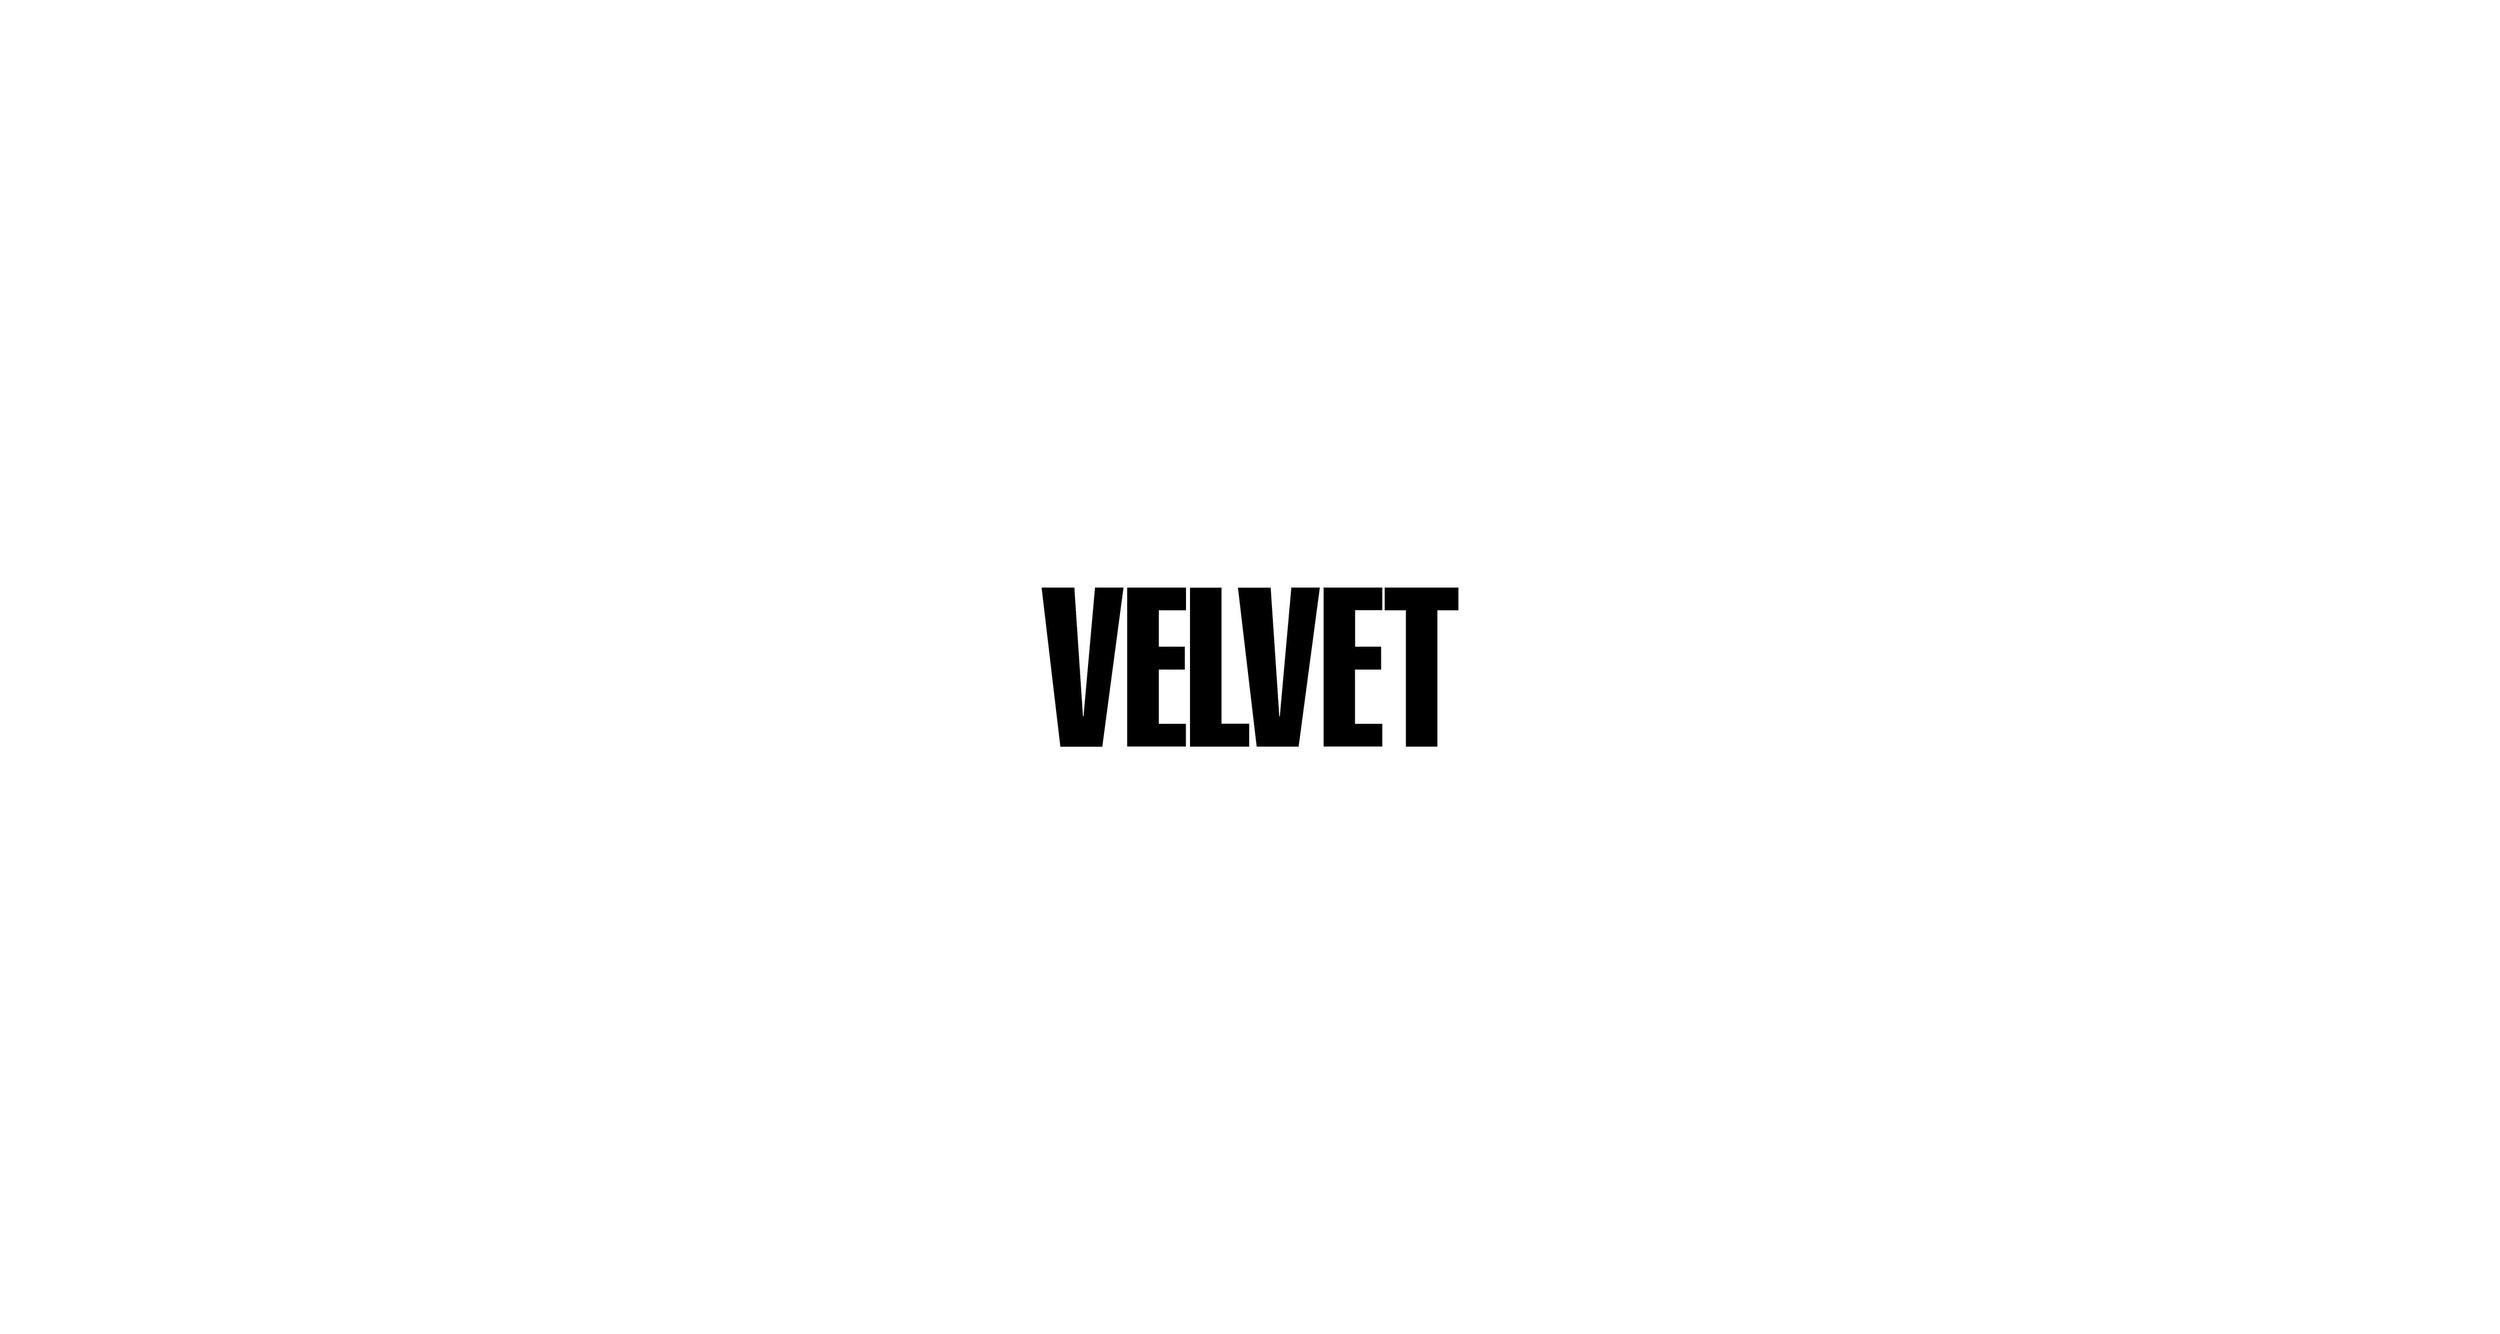 logo-design-branding-san-diego-vortic-09-velvet-2